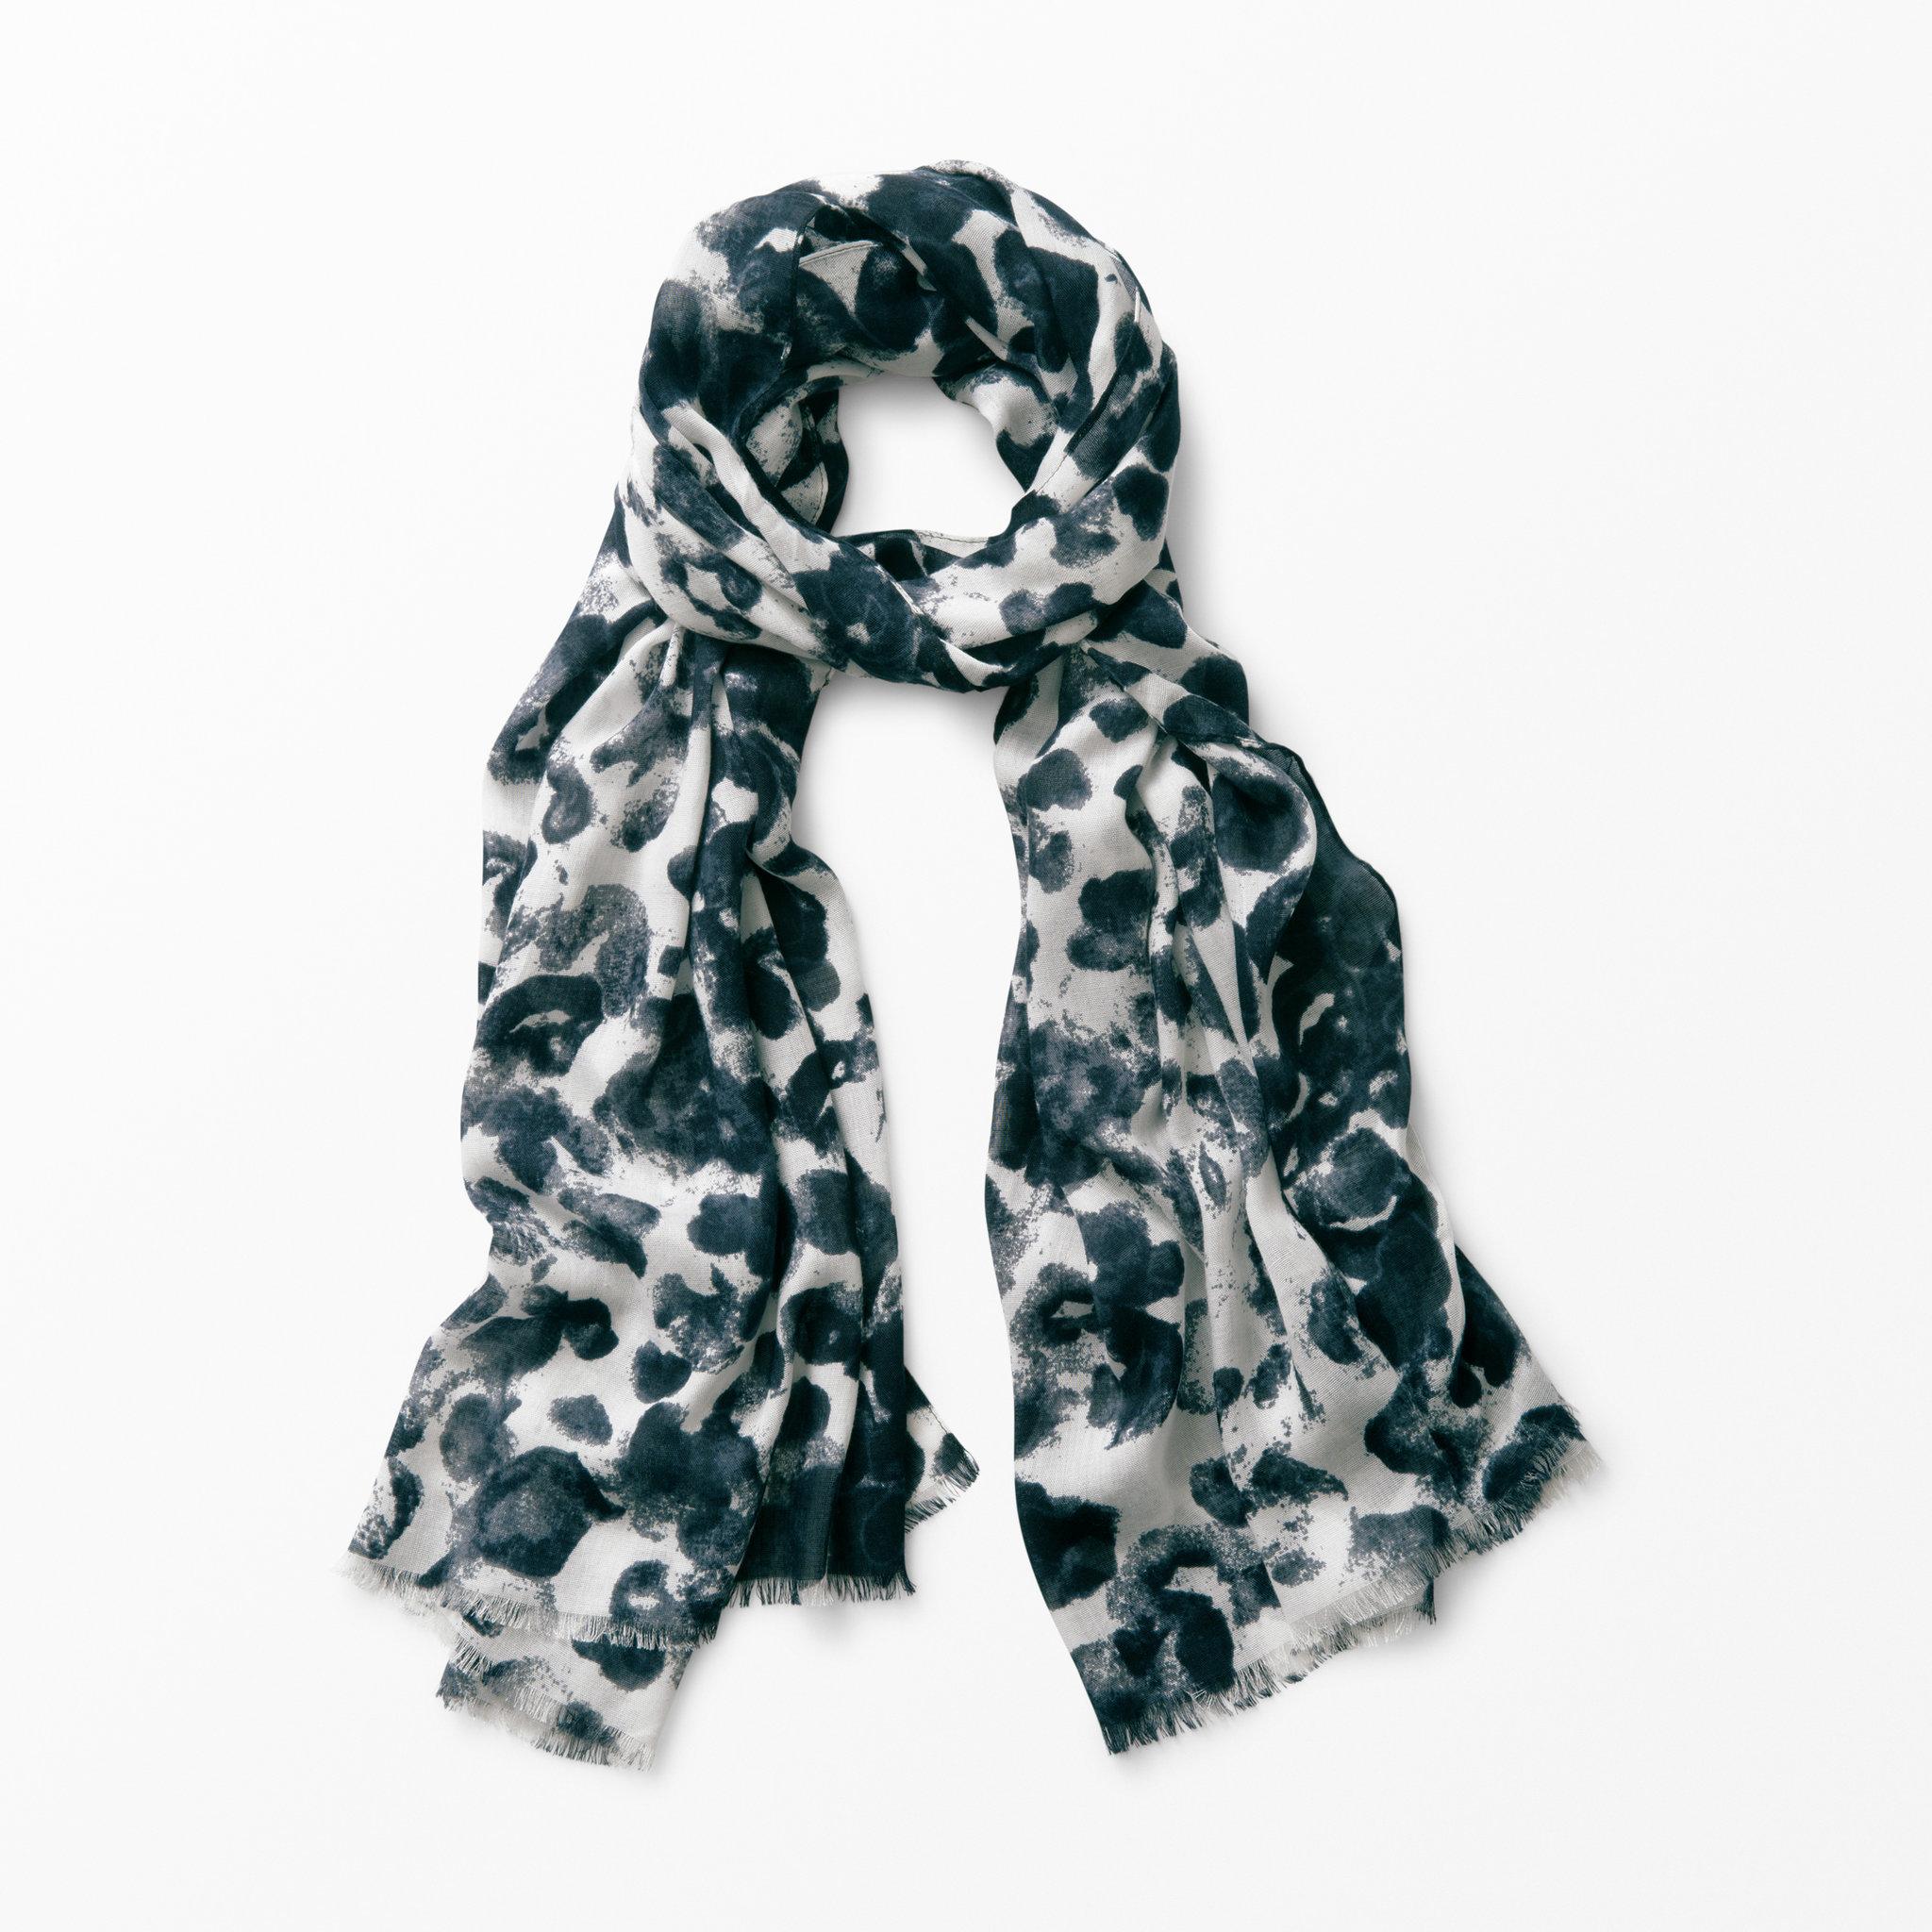 Scarf mönstrad - Halsdukar   scarves - Köp online på åhlens.se! 4631d472c16f6